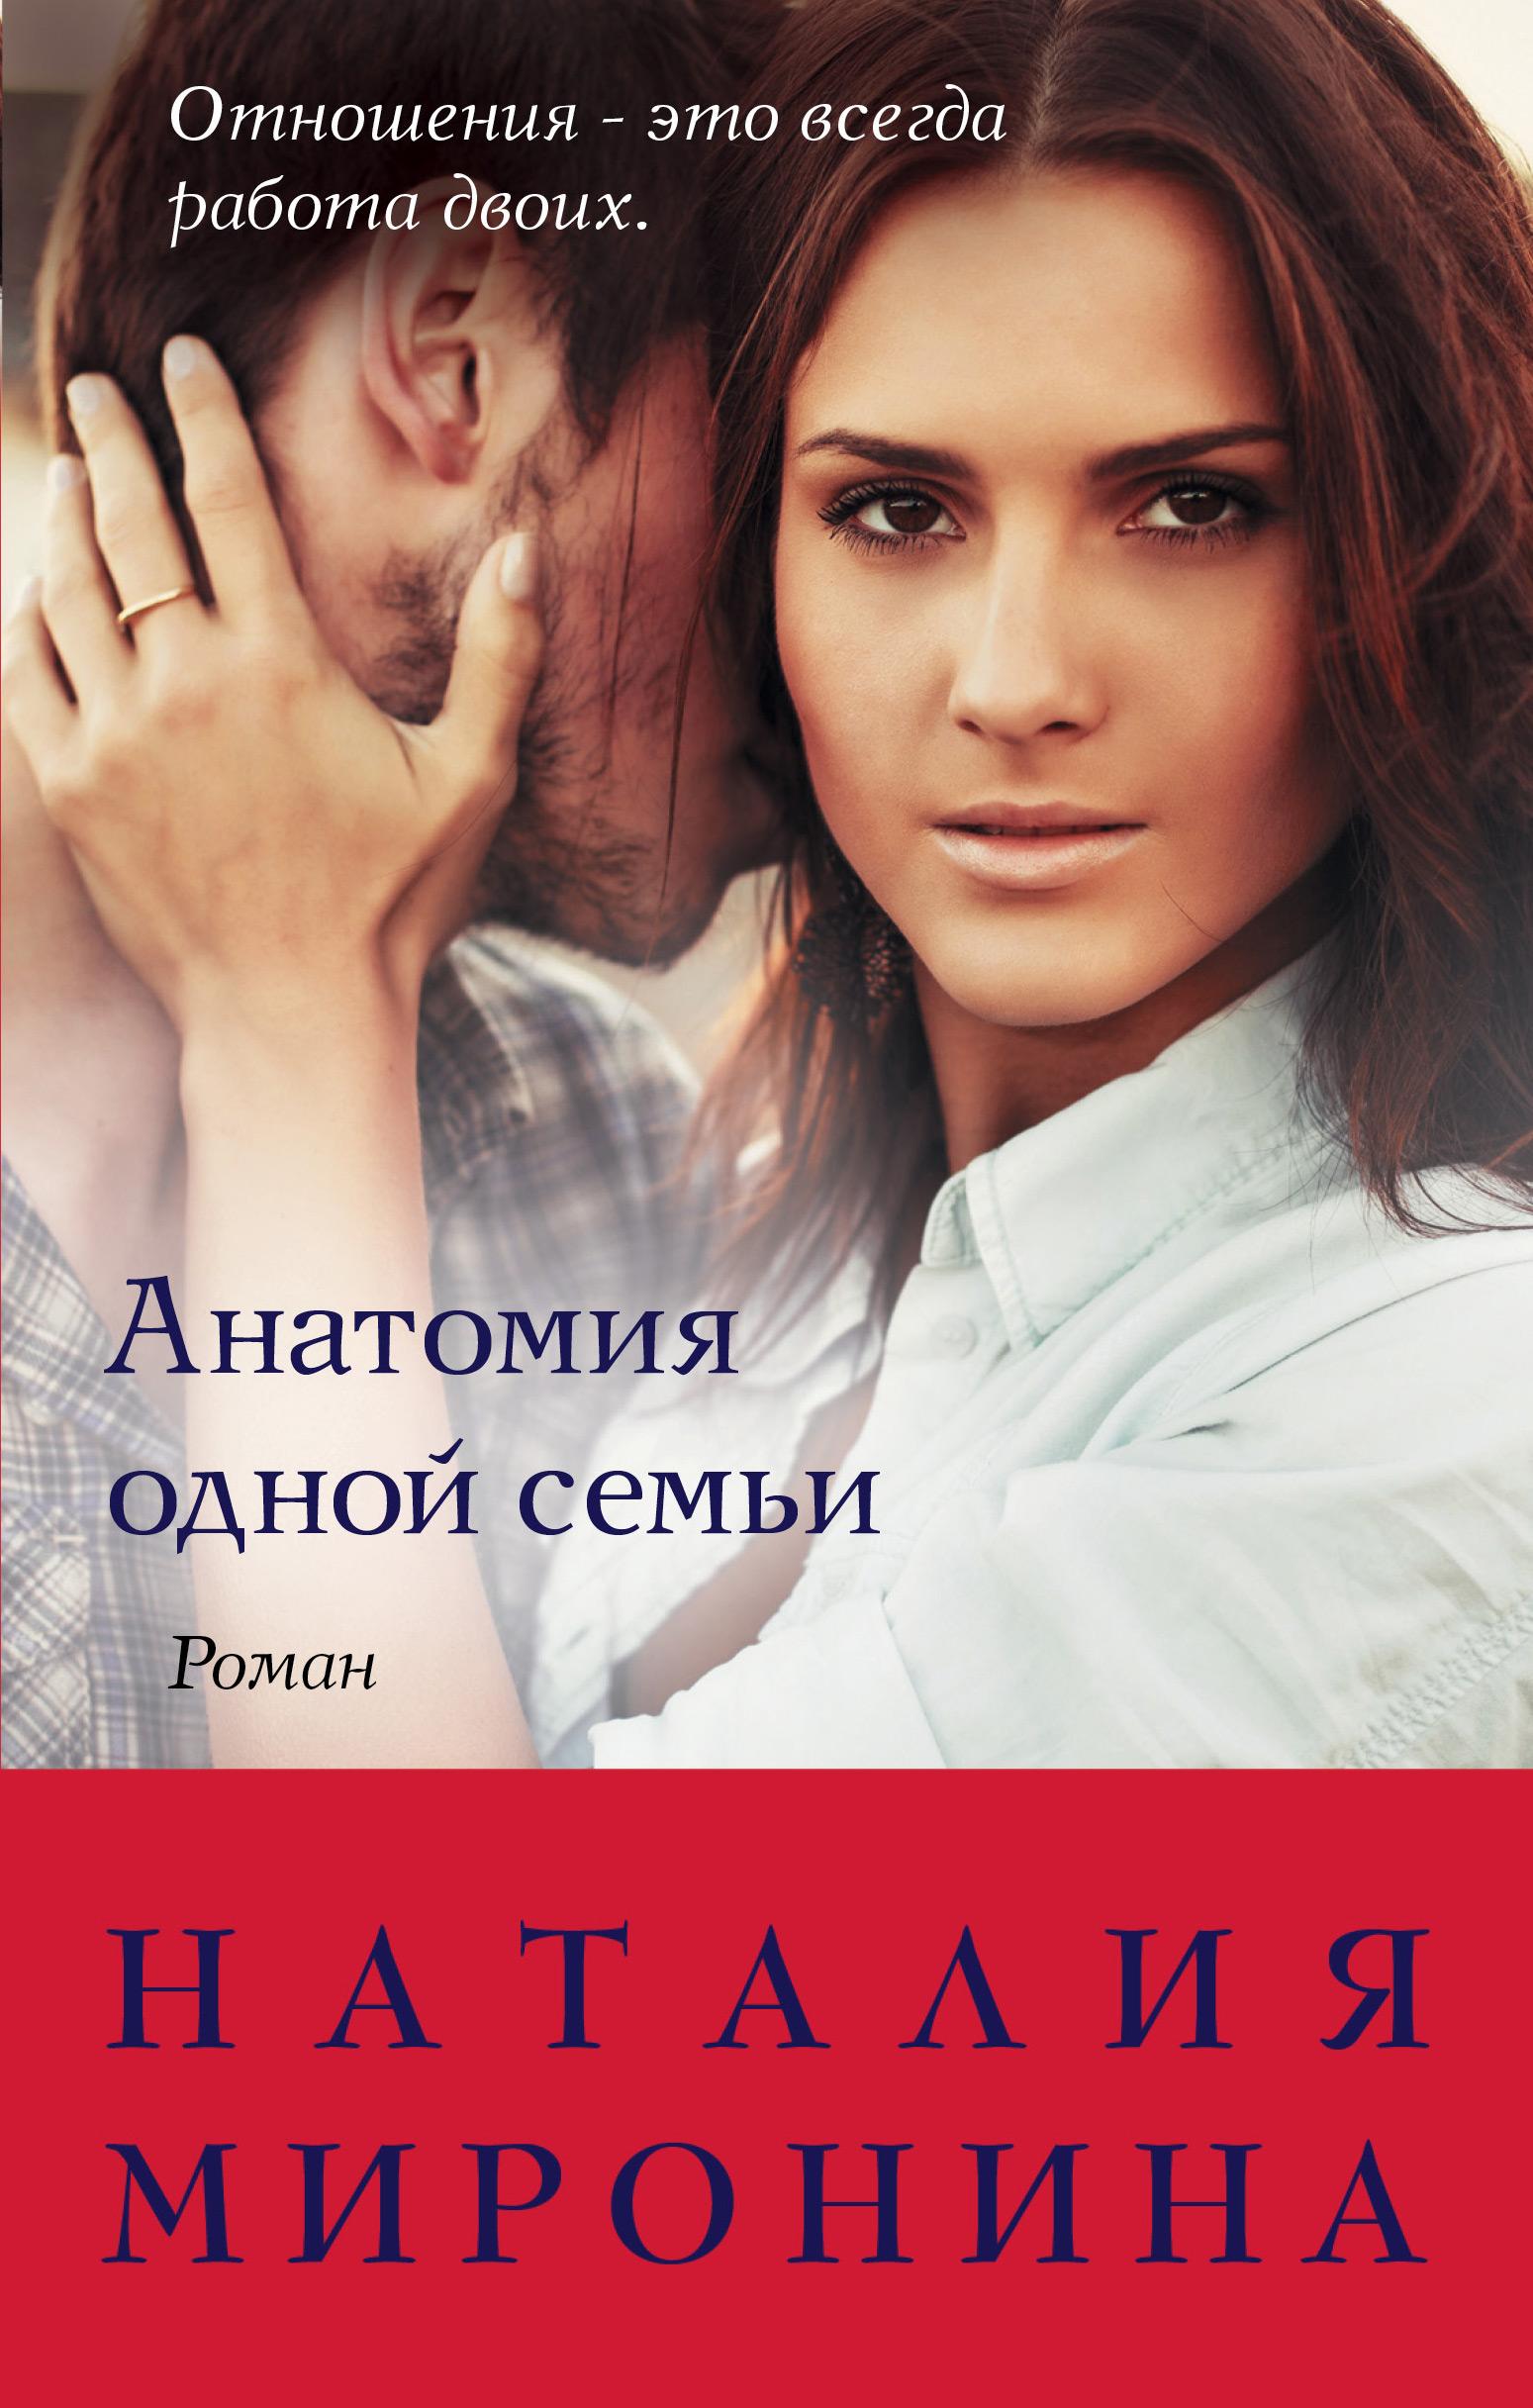 Купить книгу Анатомия одной семьи, автора Наталии Мирониной